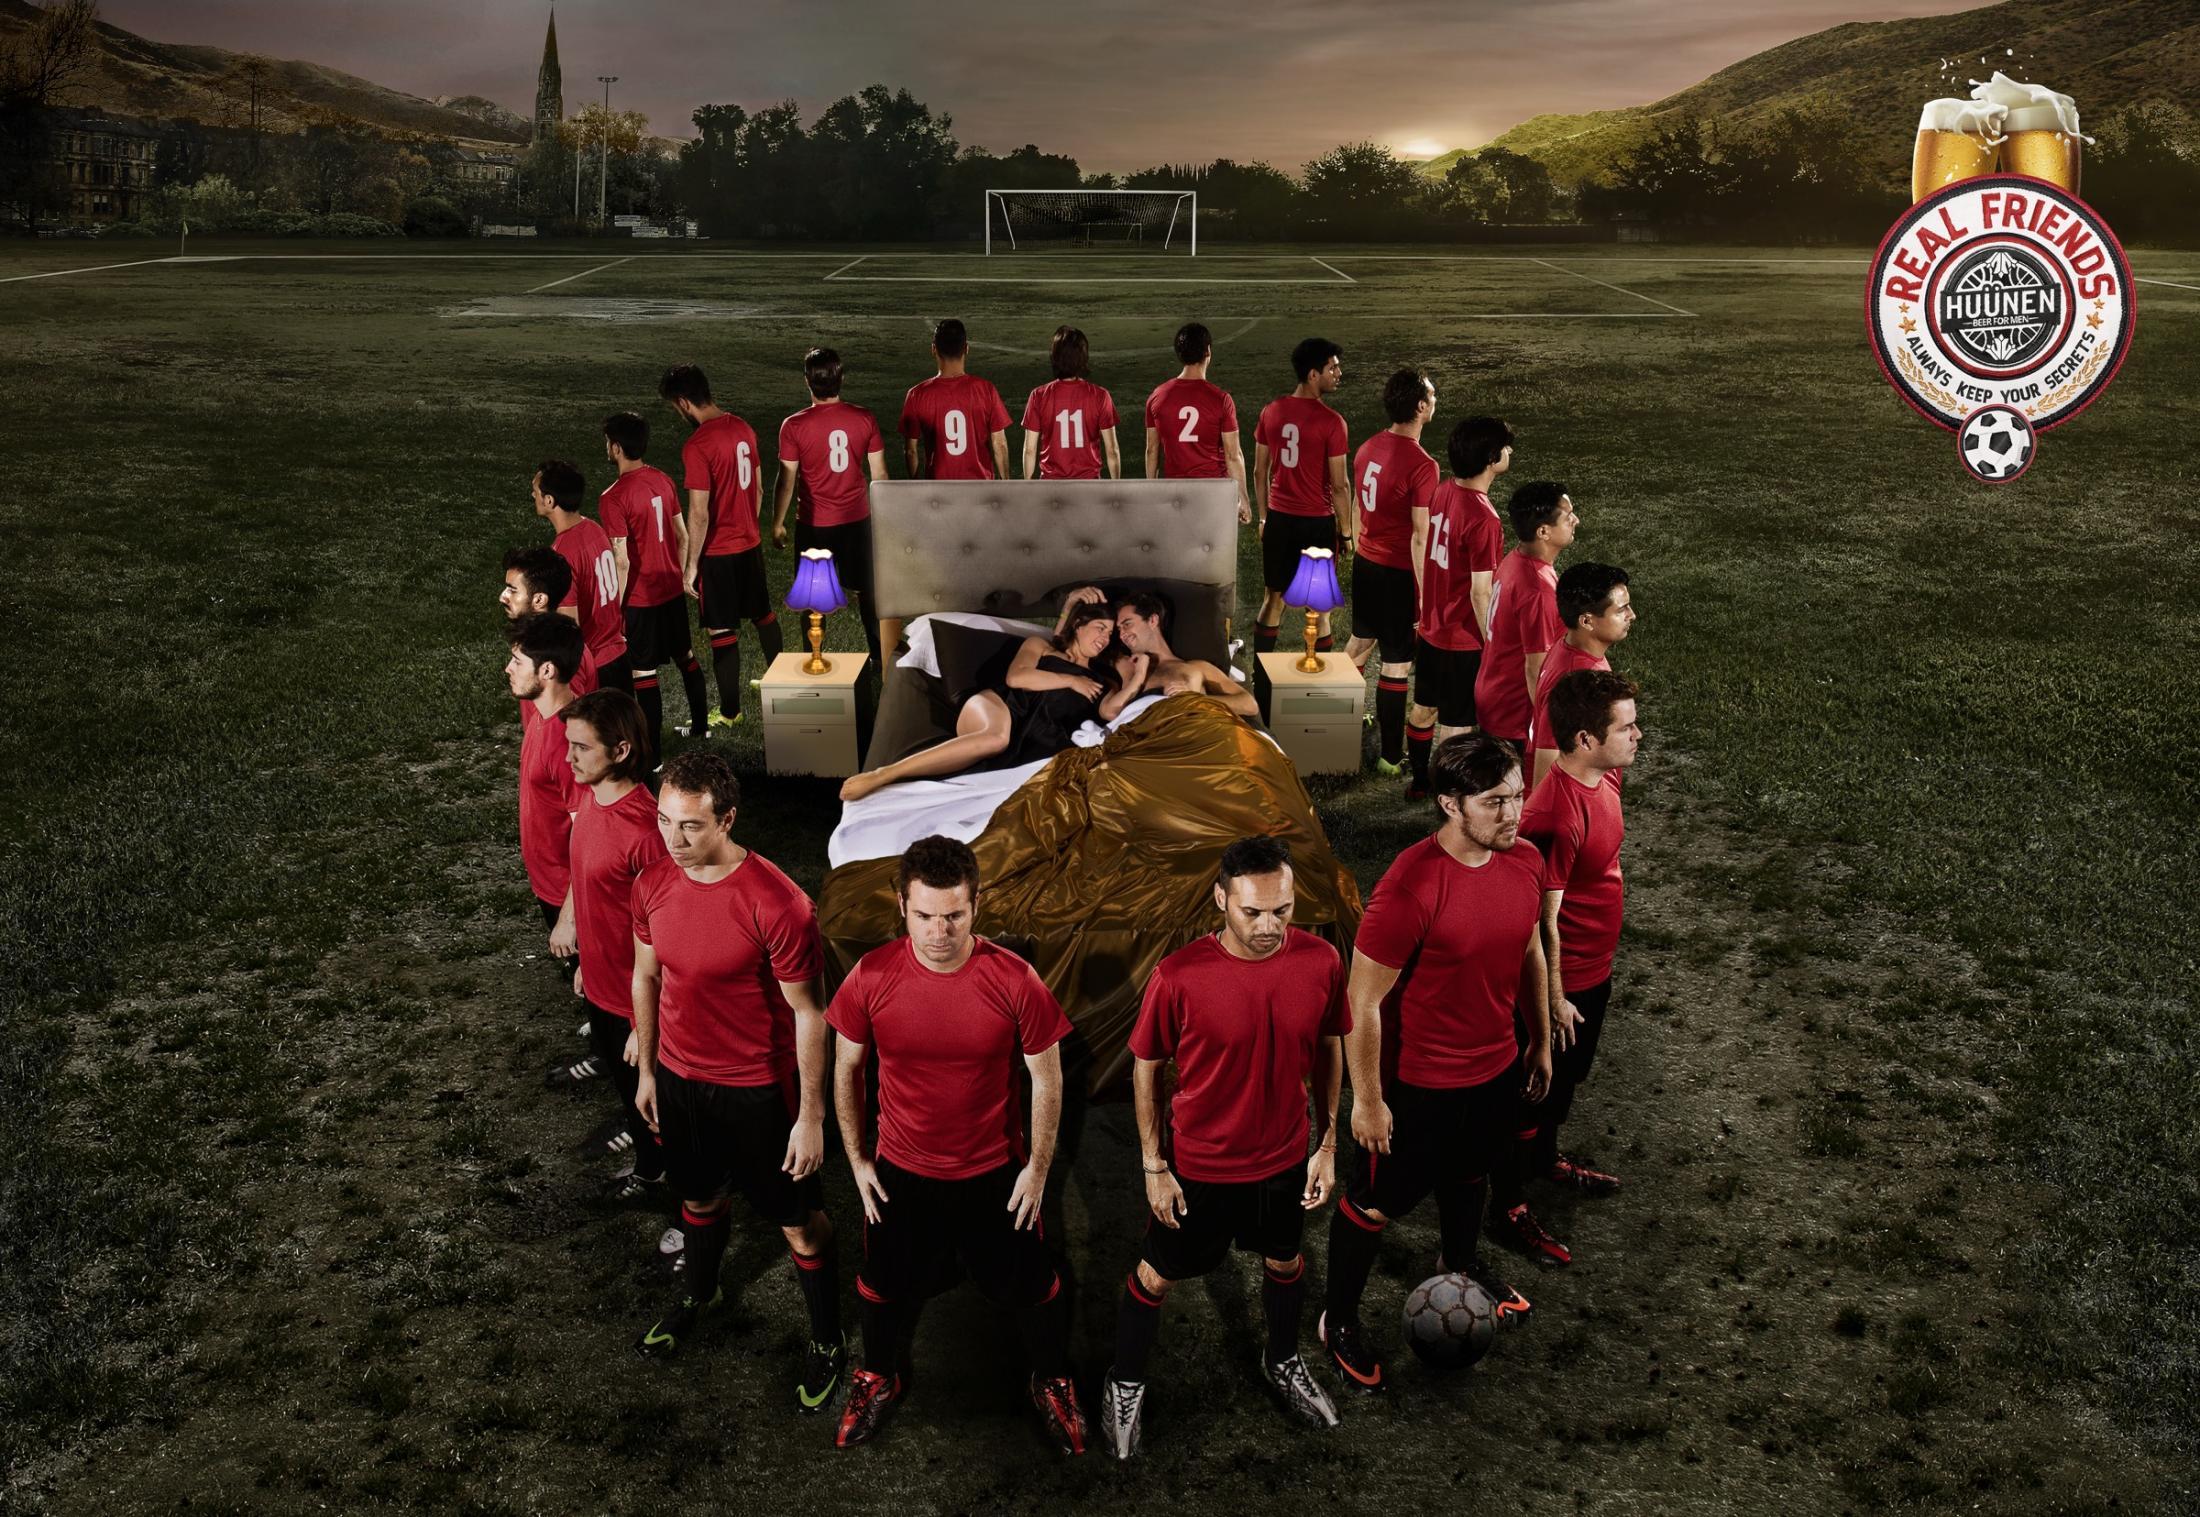 Spécial Coupe du Monde de Football : Les 100 plus belles publicités sur le foot ! 57